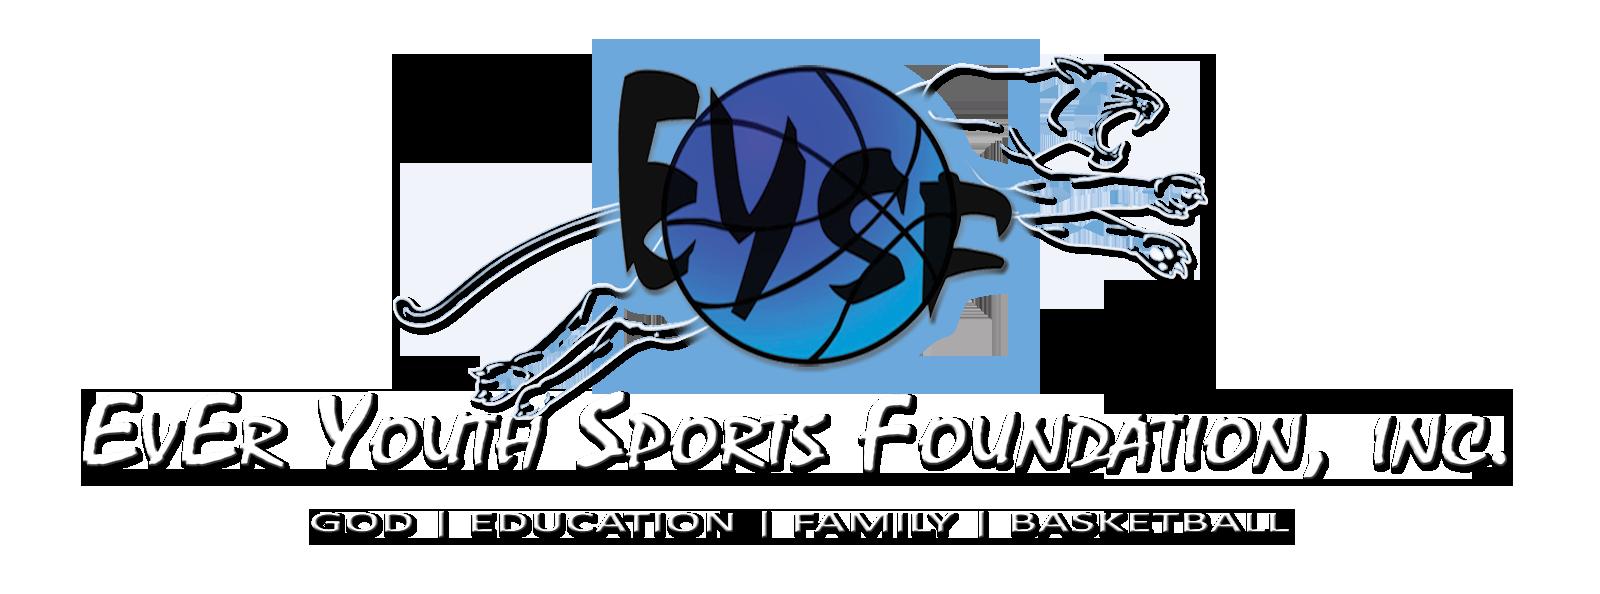 Eysf website banner 3